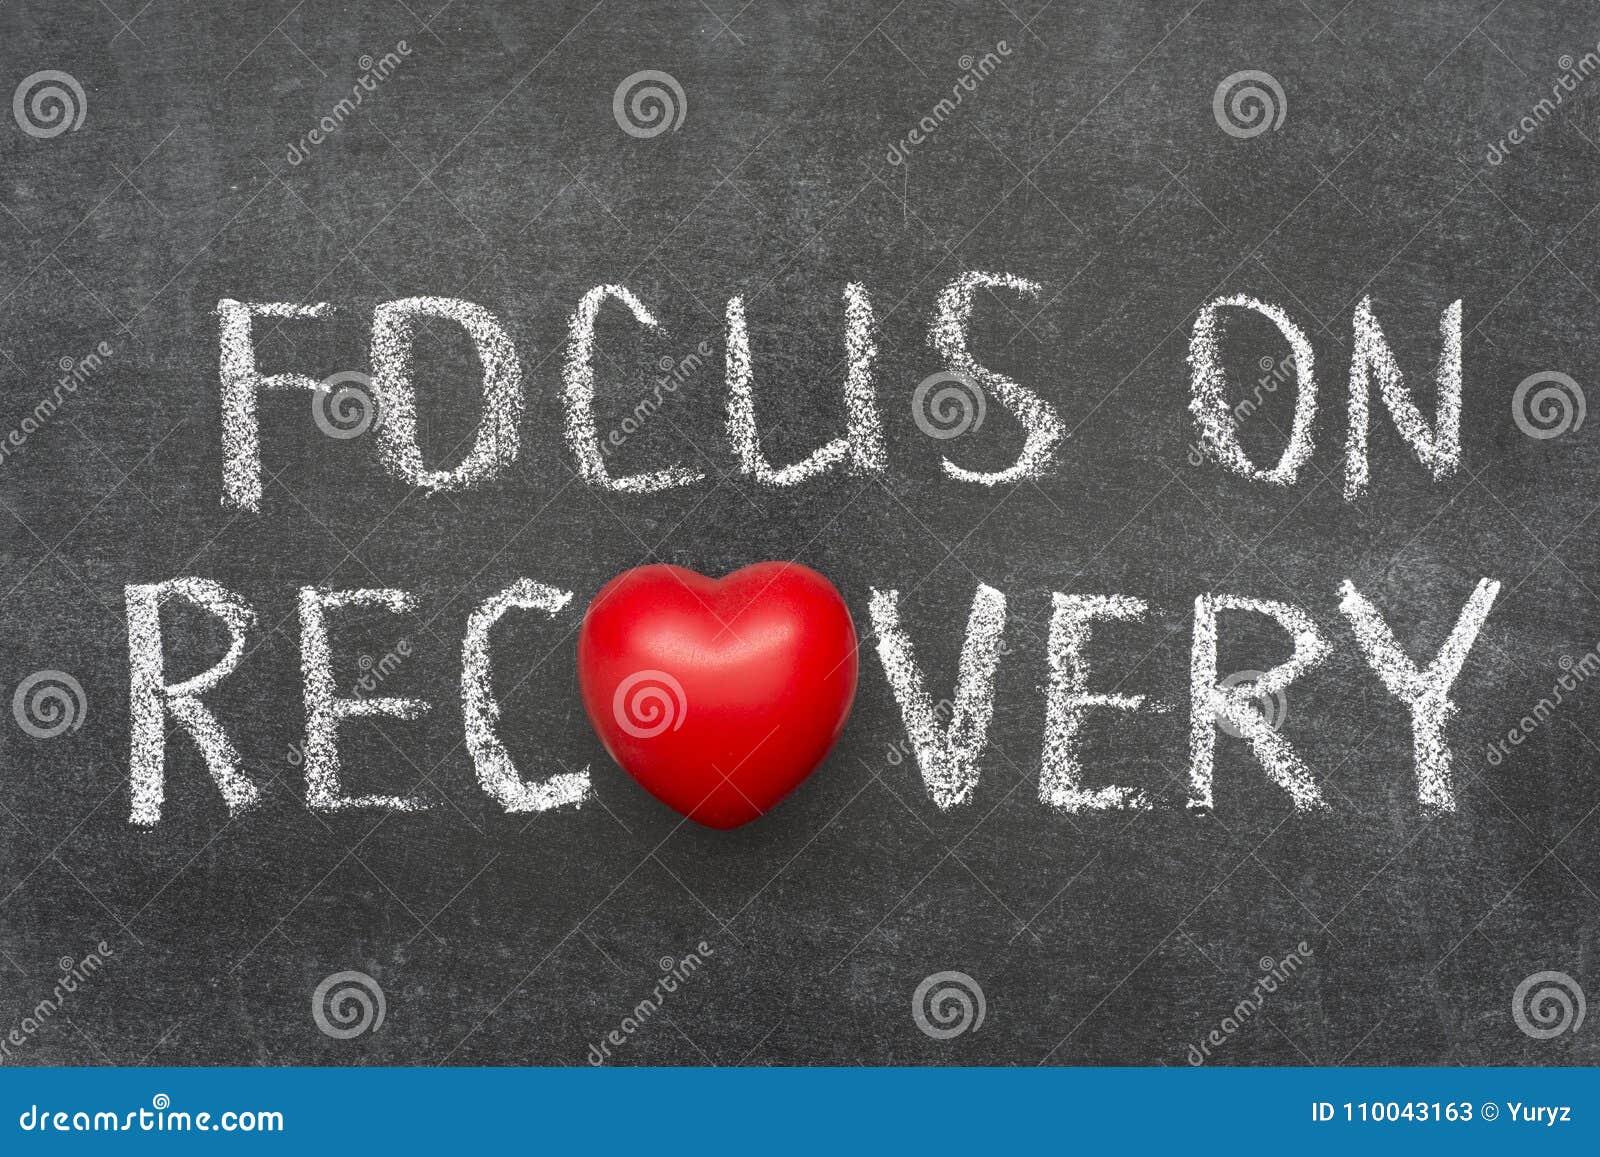 Fokus auf Wiederaufnahme